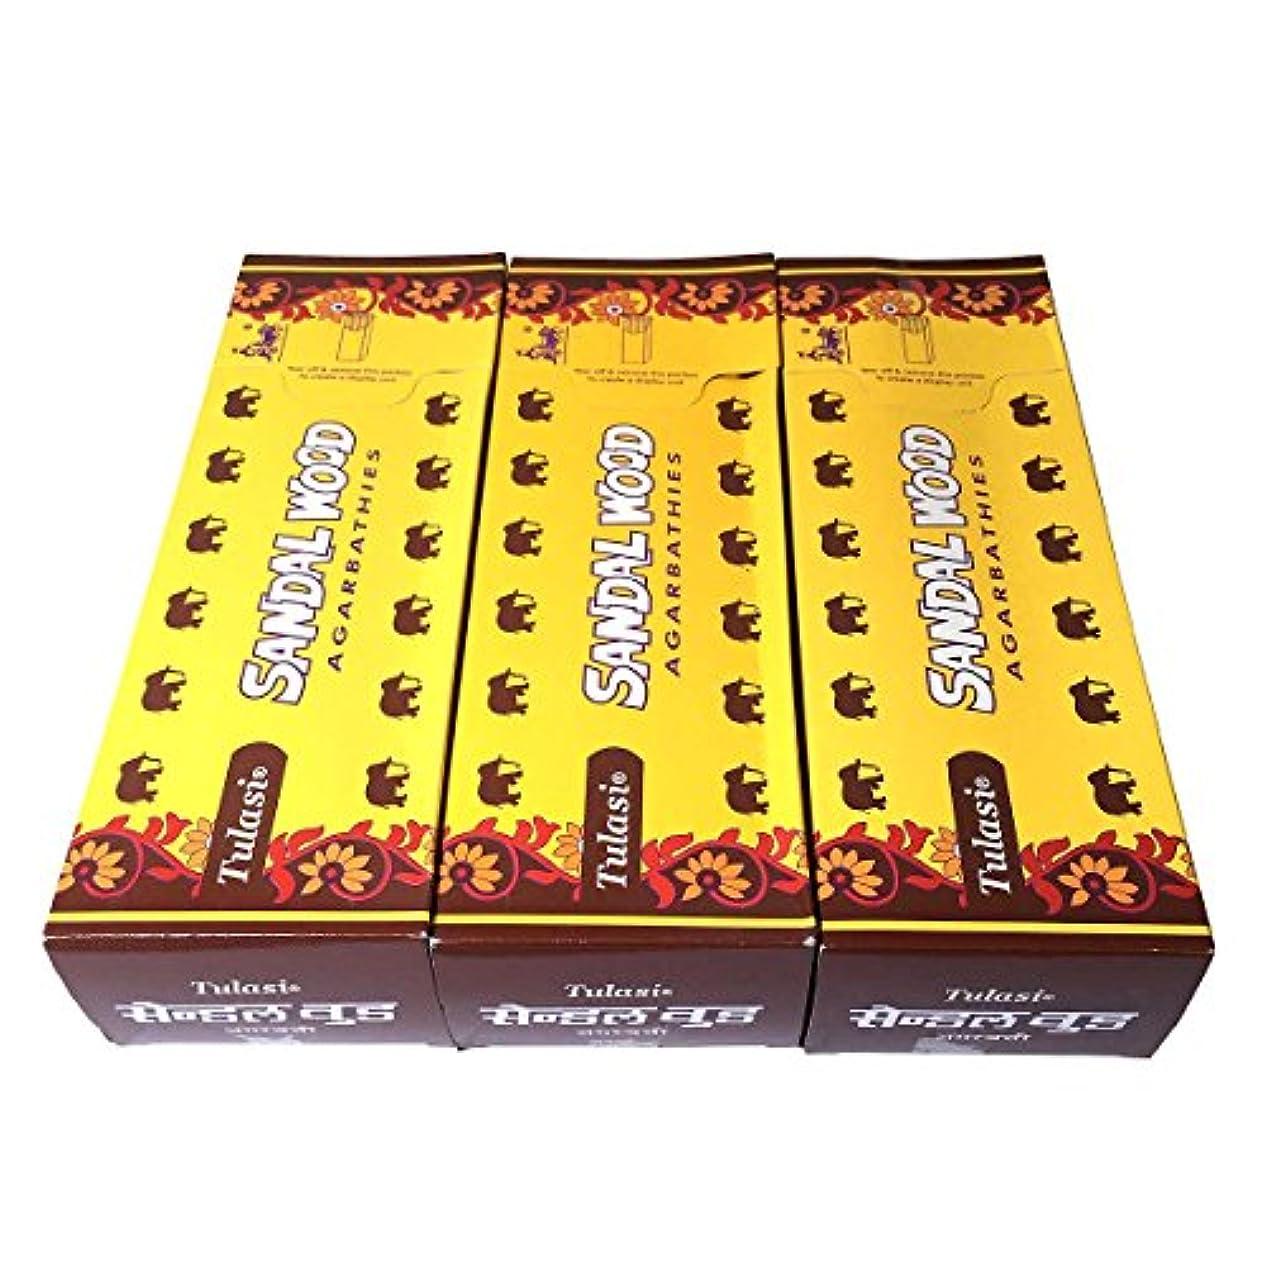 退化するキャリア閉じるサンダルウッド香スティック 3BOX(18箱) /TULASI SANDAL WOOD/インセンス/インド香 お香 [並行輸入品]